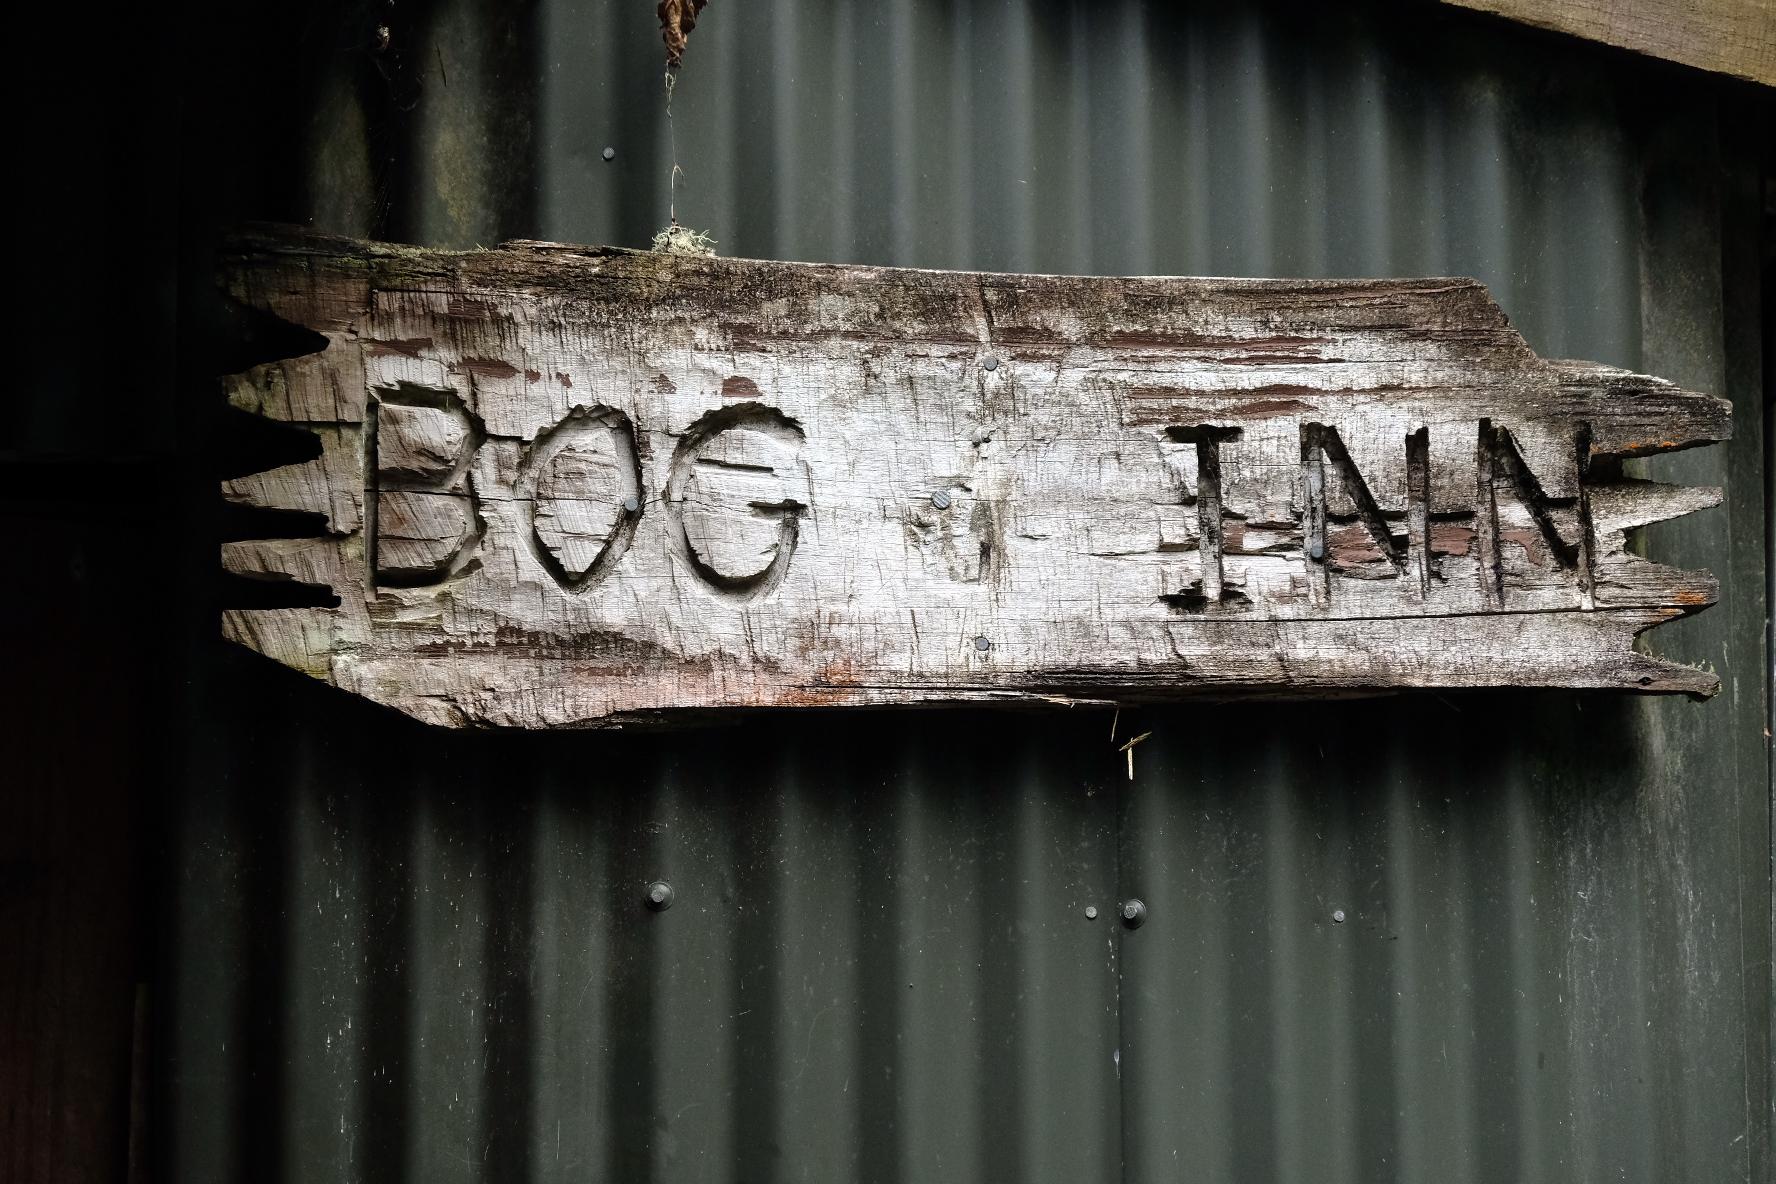 Hut in bog